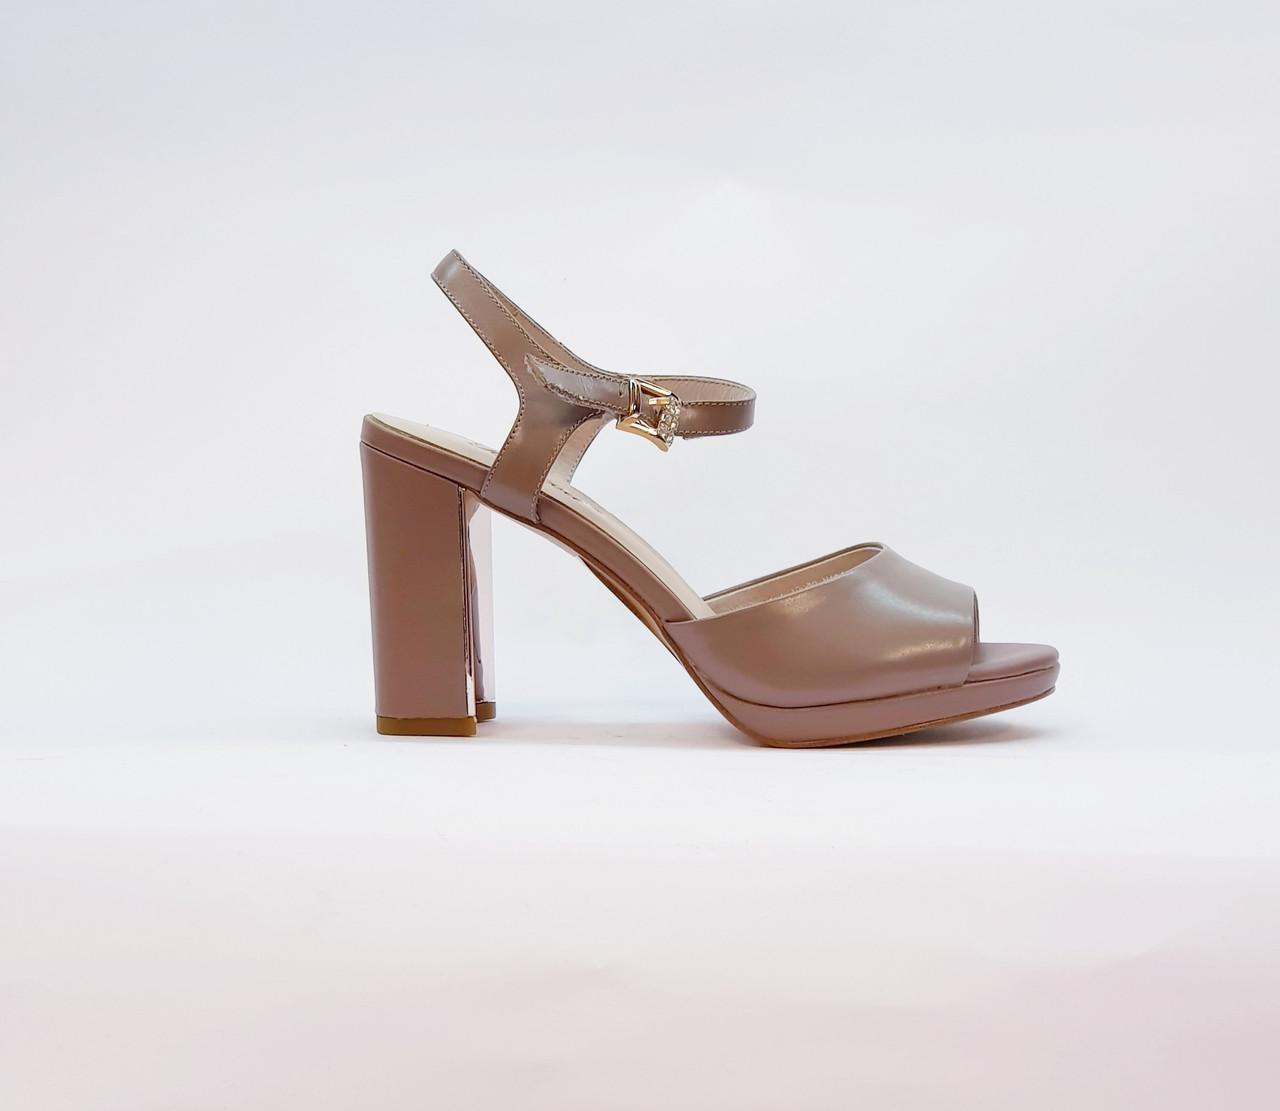 Босоножки женские натуральная кожа на высоком каблуке столбик бежевые